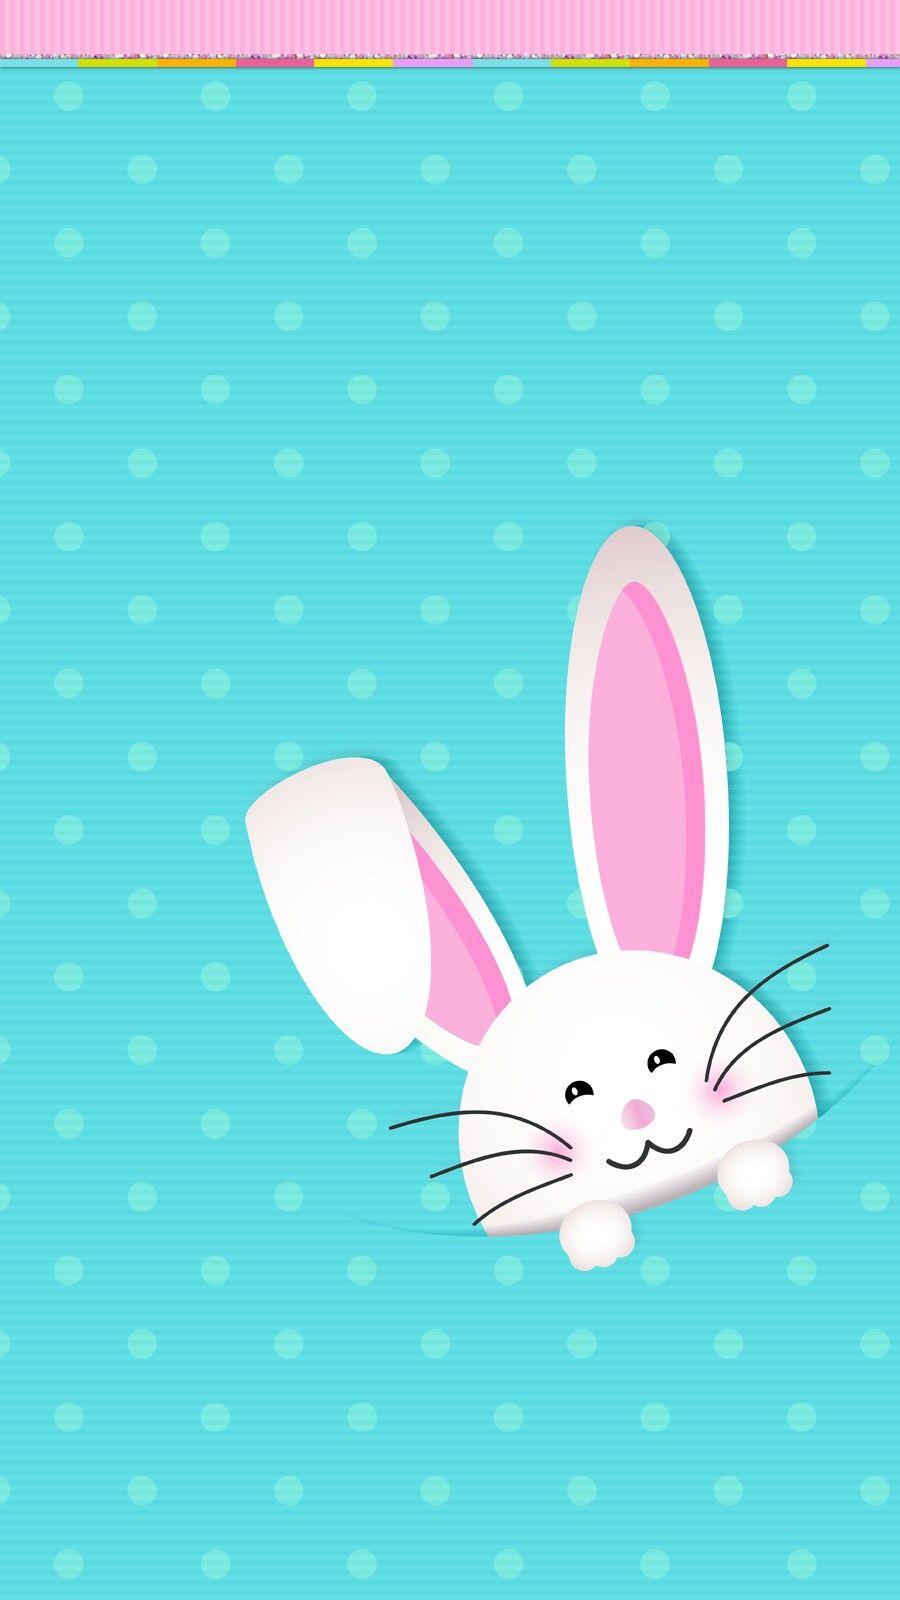 Easter Bunny Wallpaper Iphone Fundo De Pascoa Moldura De Pascoa Desenhos De Pascoa